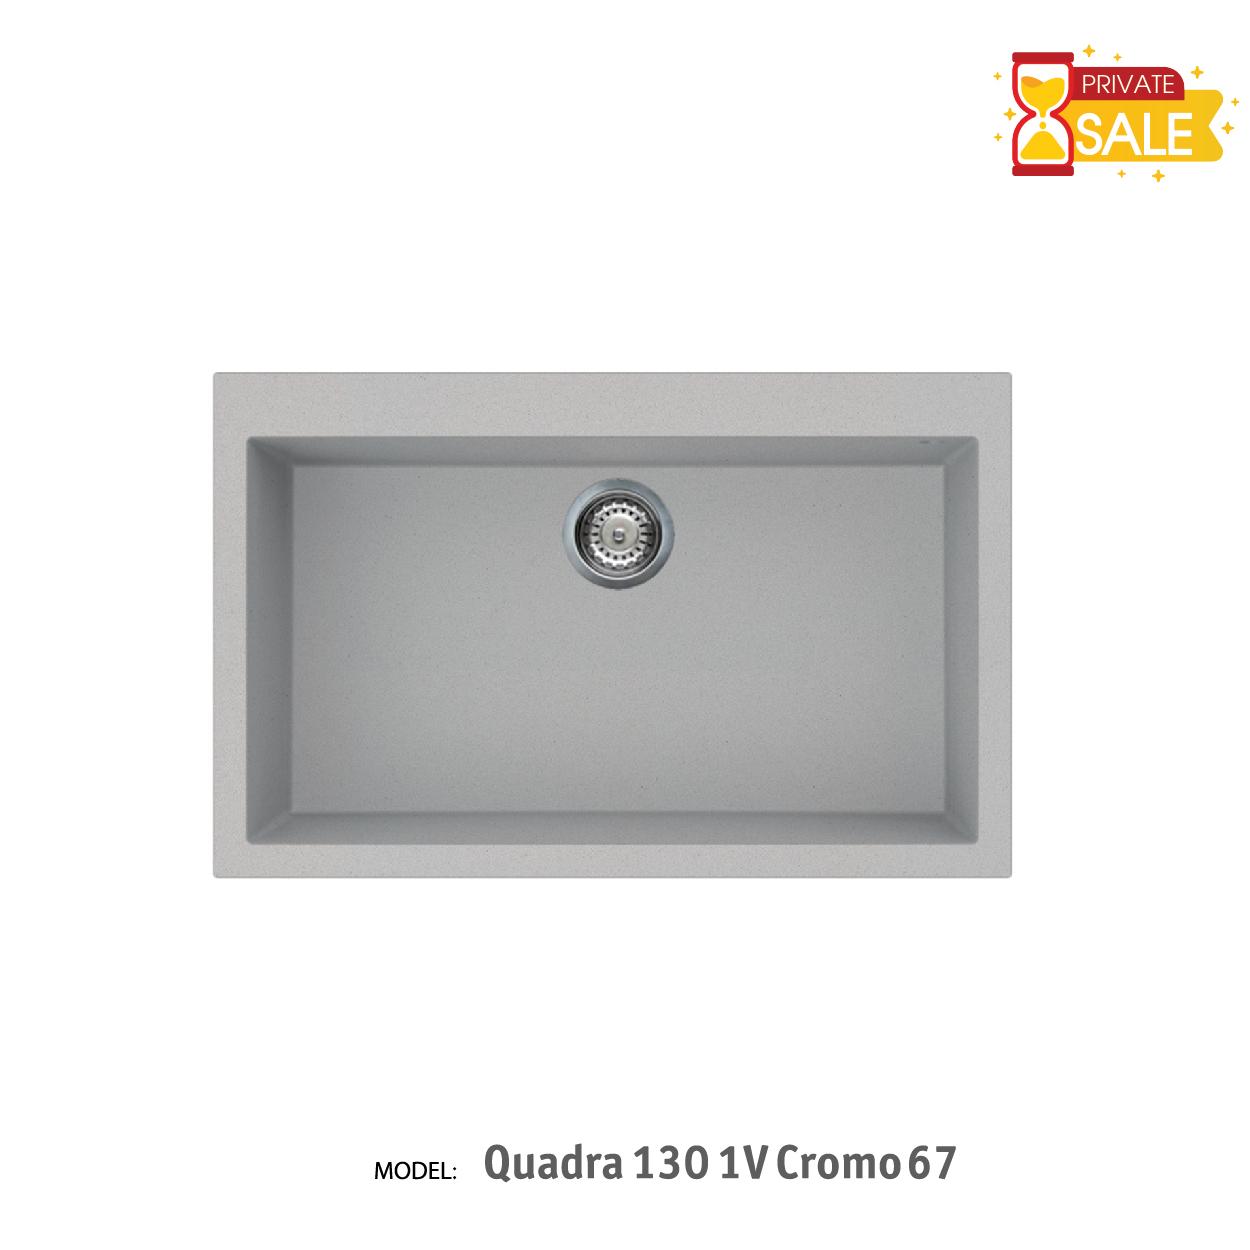 Chậu đá Elleci - Model Quadra 1301V Cromo67